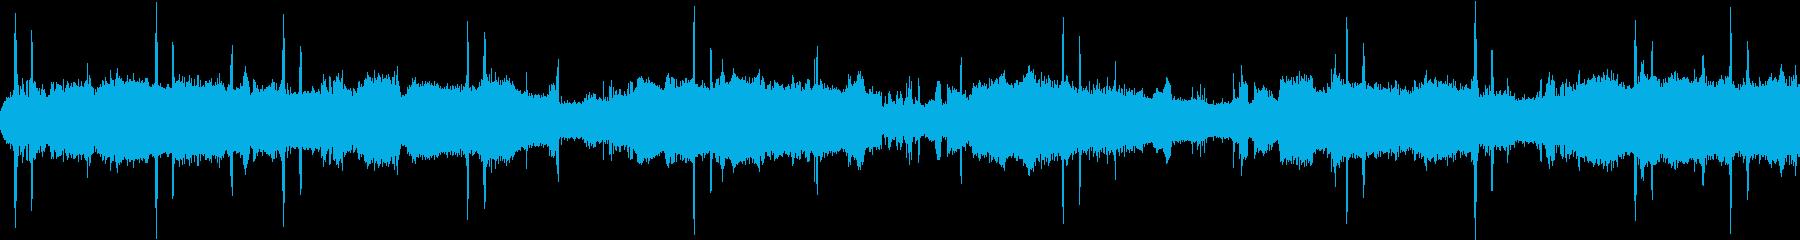 【環境音25分】深夜のジャングルと鳥と虫の再生済みの波形